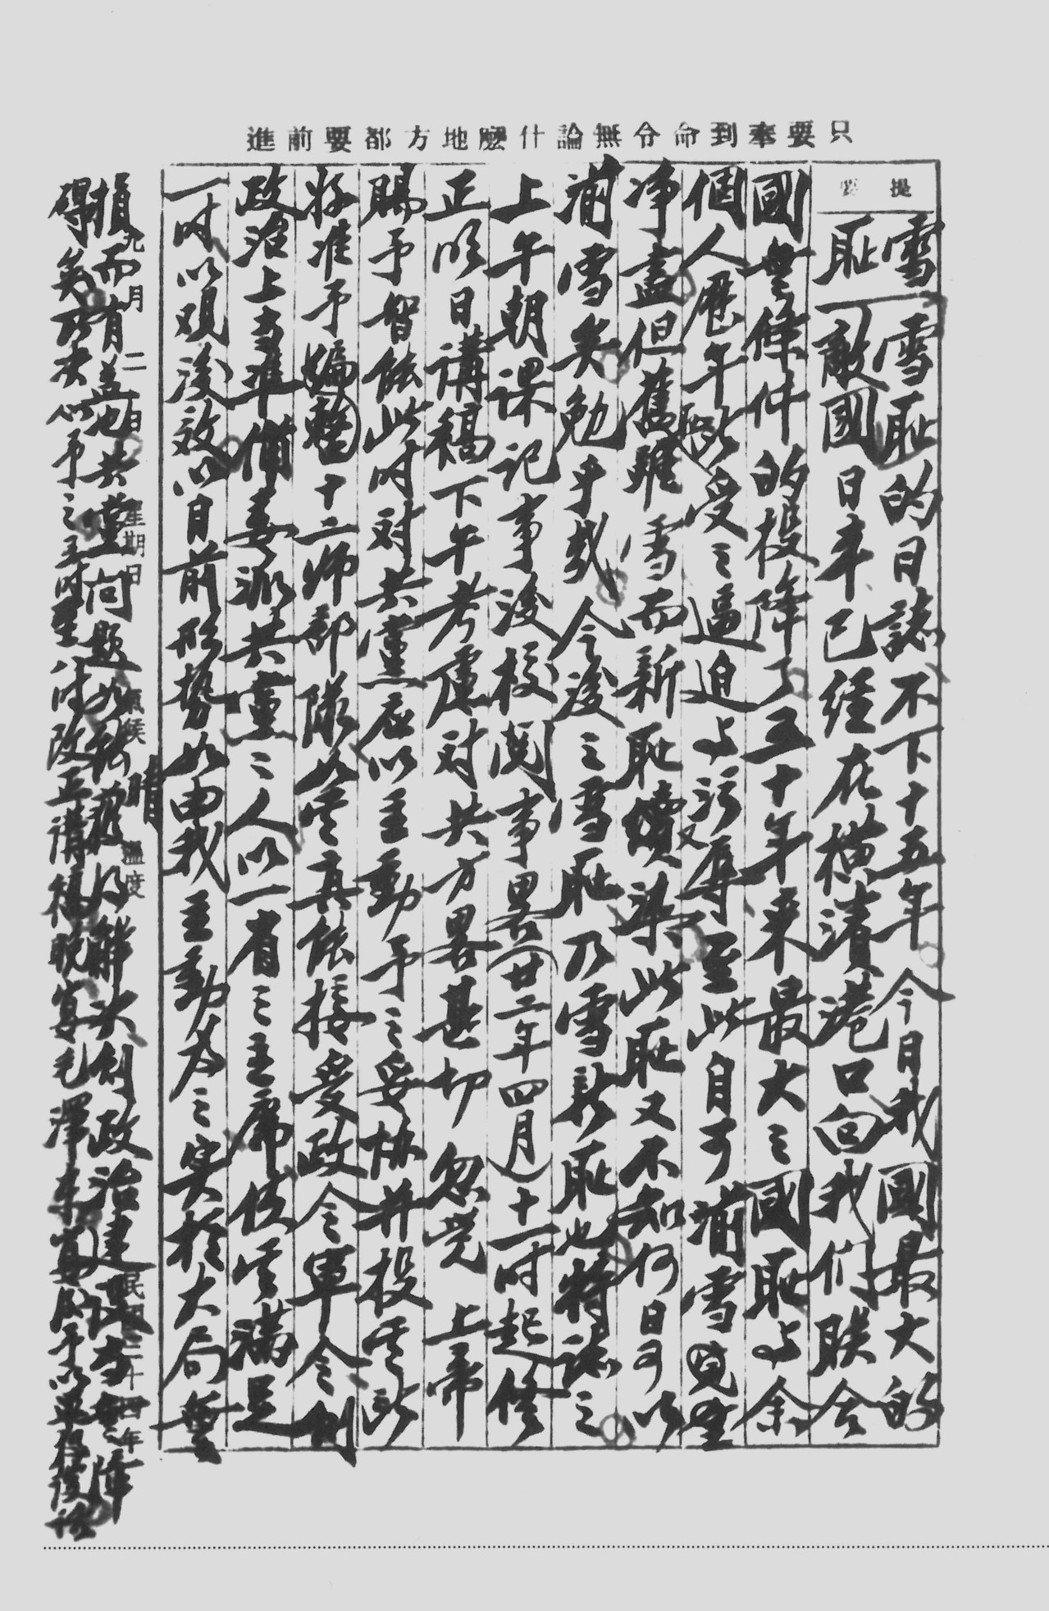 圖為蔣中正知悉日本投降後,在日記頁首寫下「雪恥」兩字的主題。圖/國史館提供